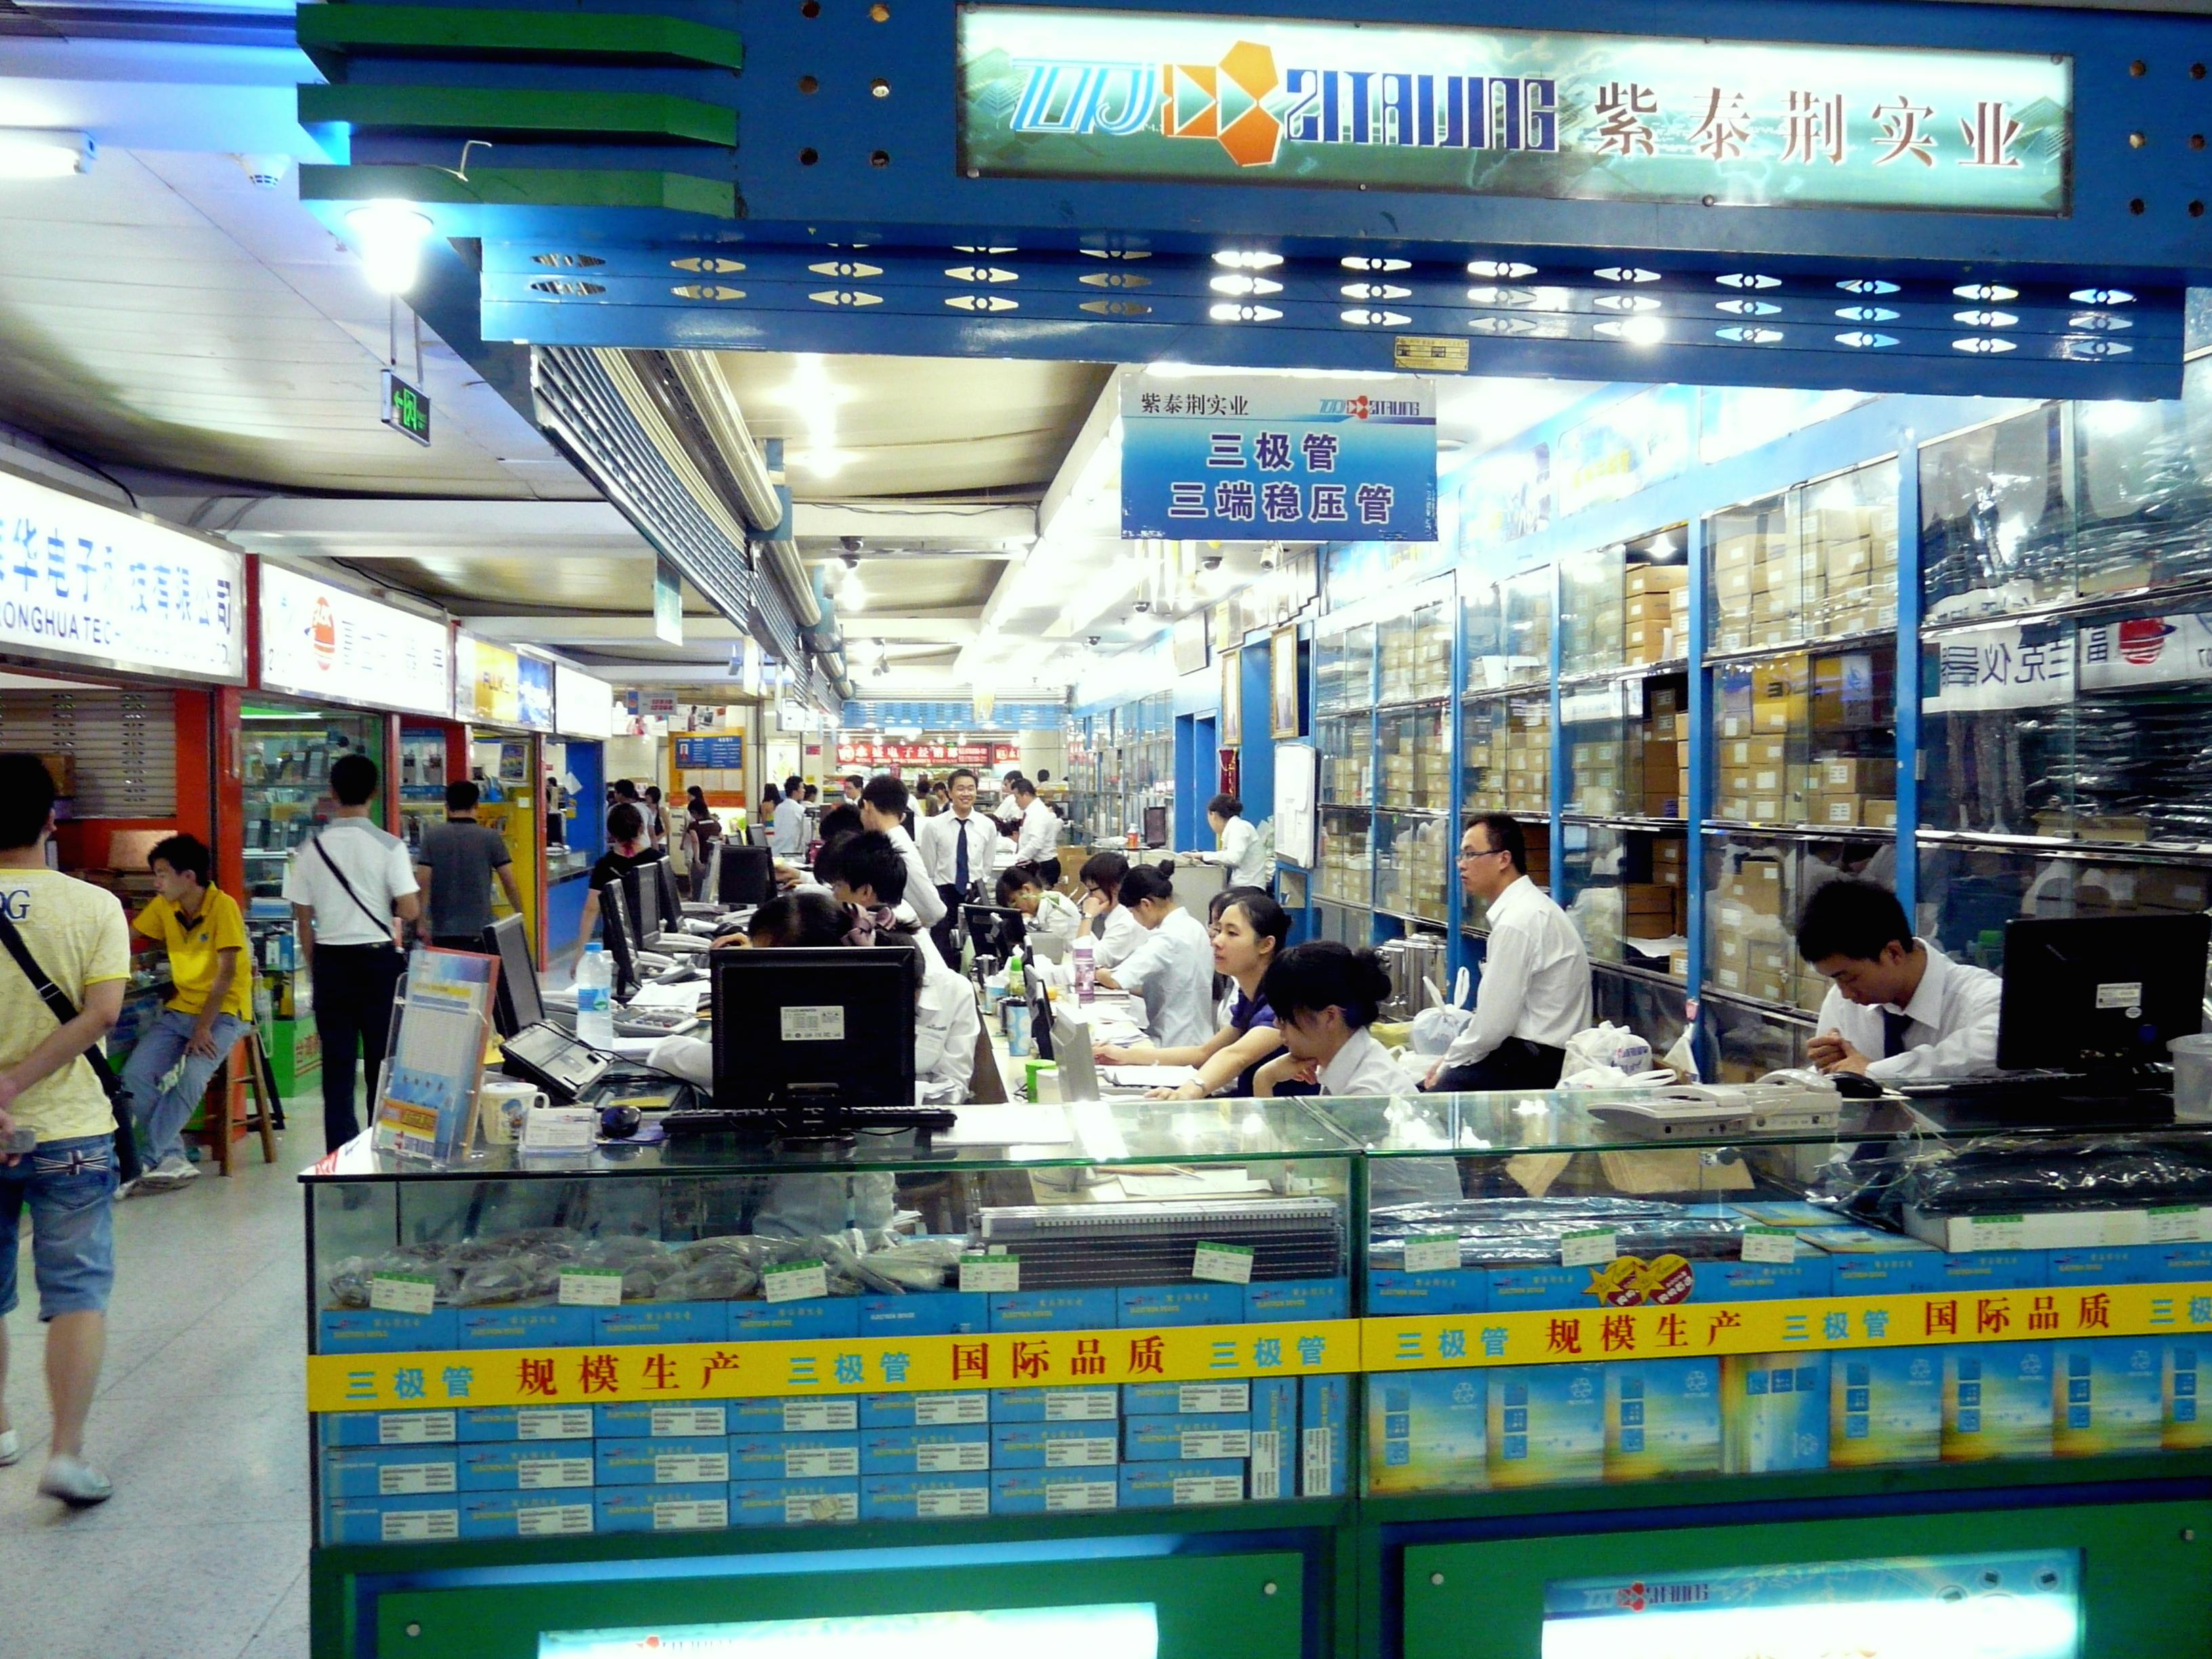 Shenzhen SEG Plaza